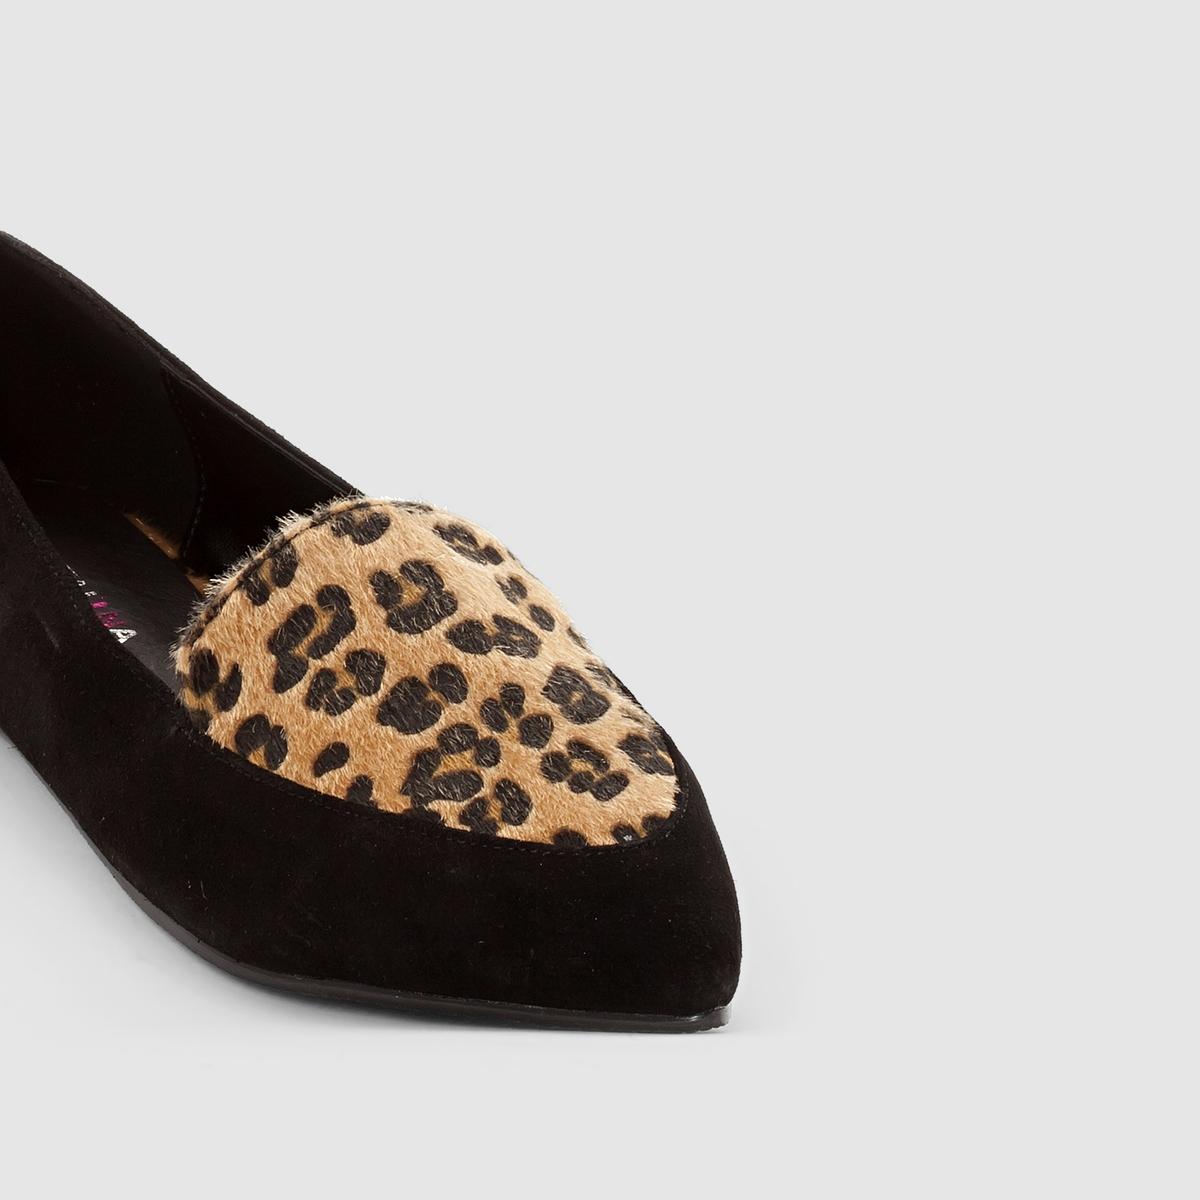 БалеткиМарка : CASTALUNAПодходит : для широкой стопы.Верх : искусственная замша и синтетика с леопардовым рисунком.Стелька : синтетикаПодошва : кожаПлоский каблук.Преимущества : модный леопардовый рисунок.<br><br>Цвет: черный/леопард<br>Размер: 43